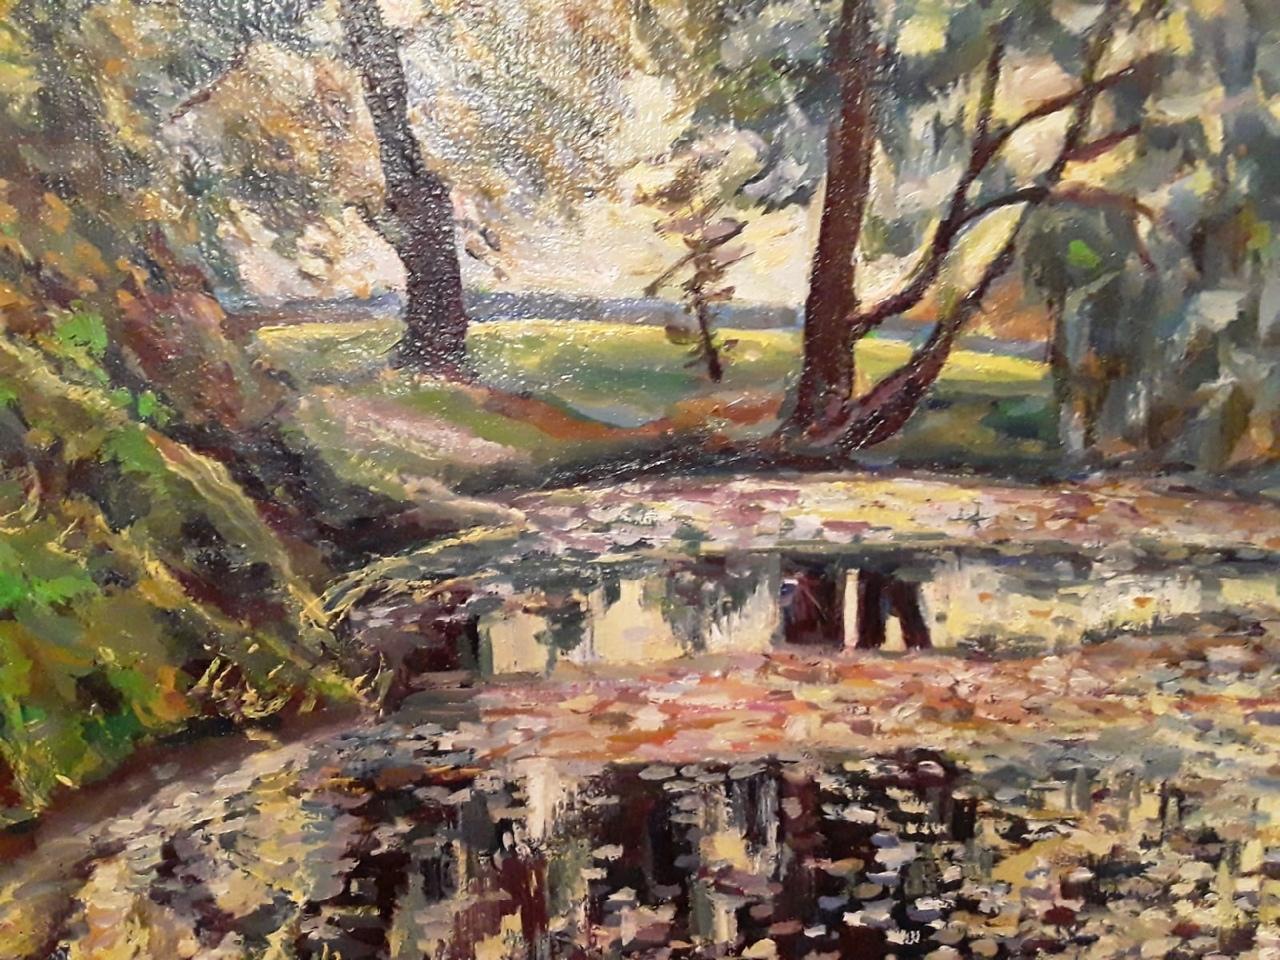 Н. Долотова Пруд в саду графа Строганова (масло)